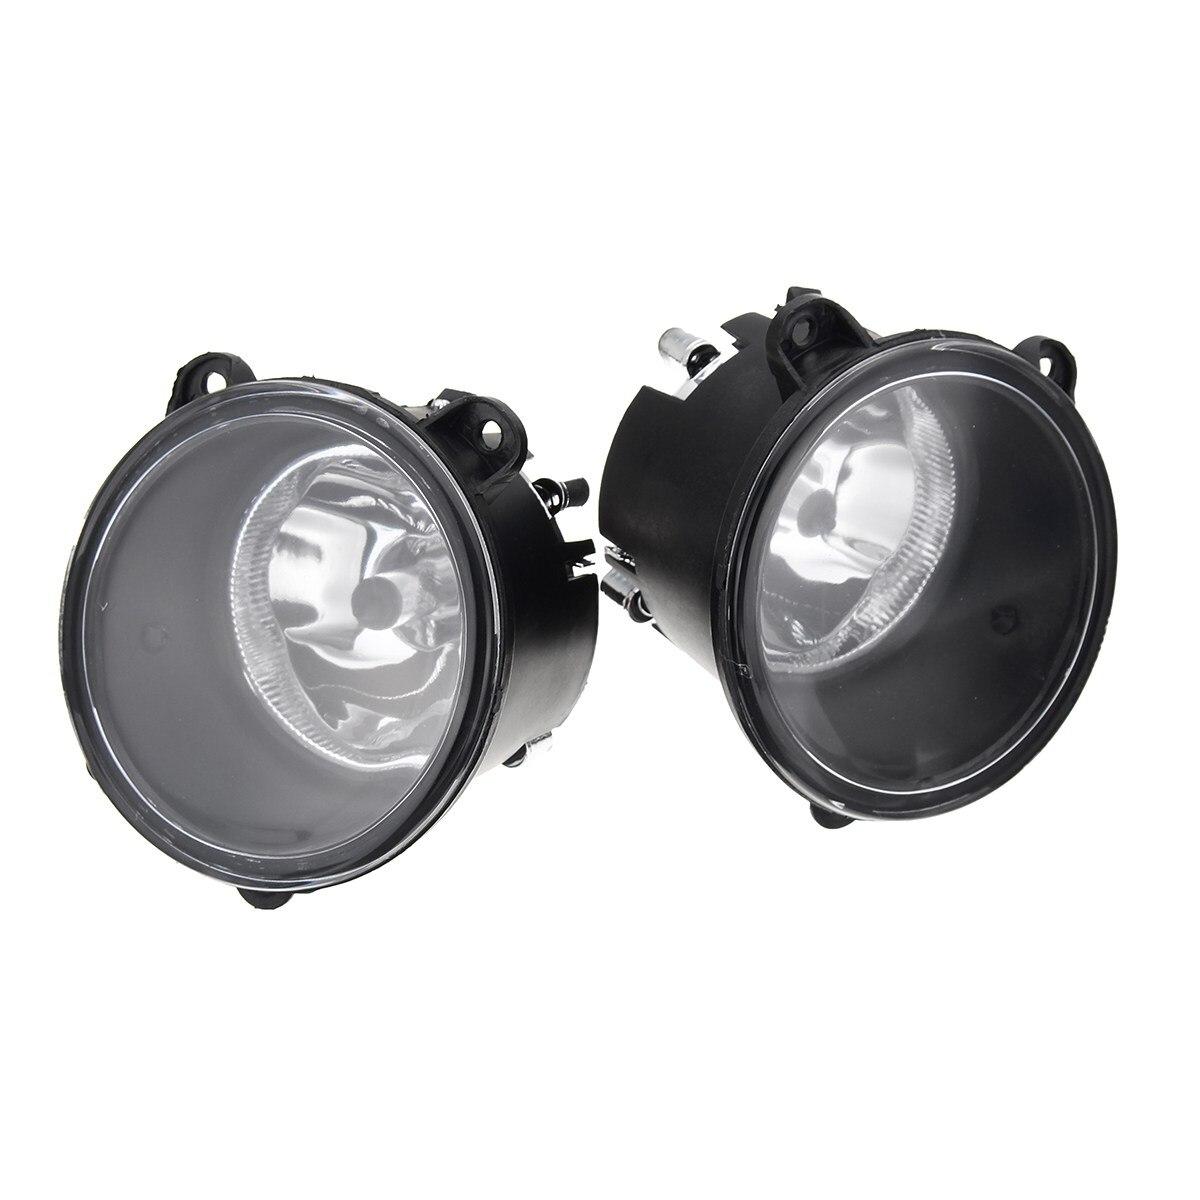 Пара Очистить Автомобиль Передние Противотуманные Фары Н11 Лампы Лампа Для Ленд Ровер Дискавери 3 Х2 2003-2009